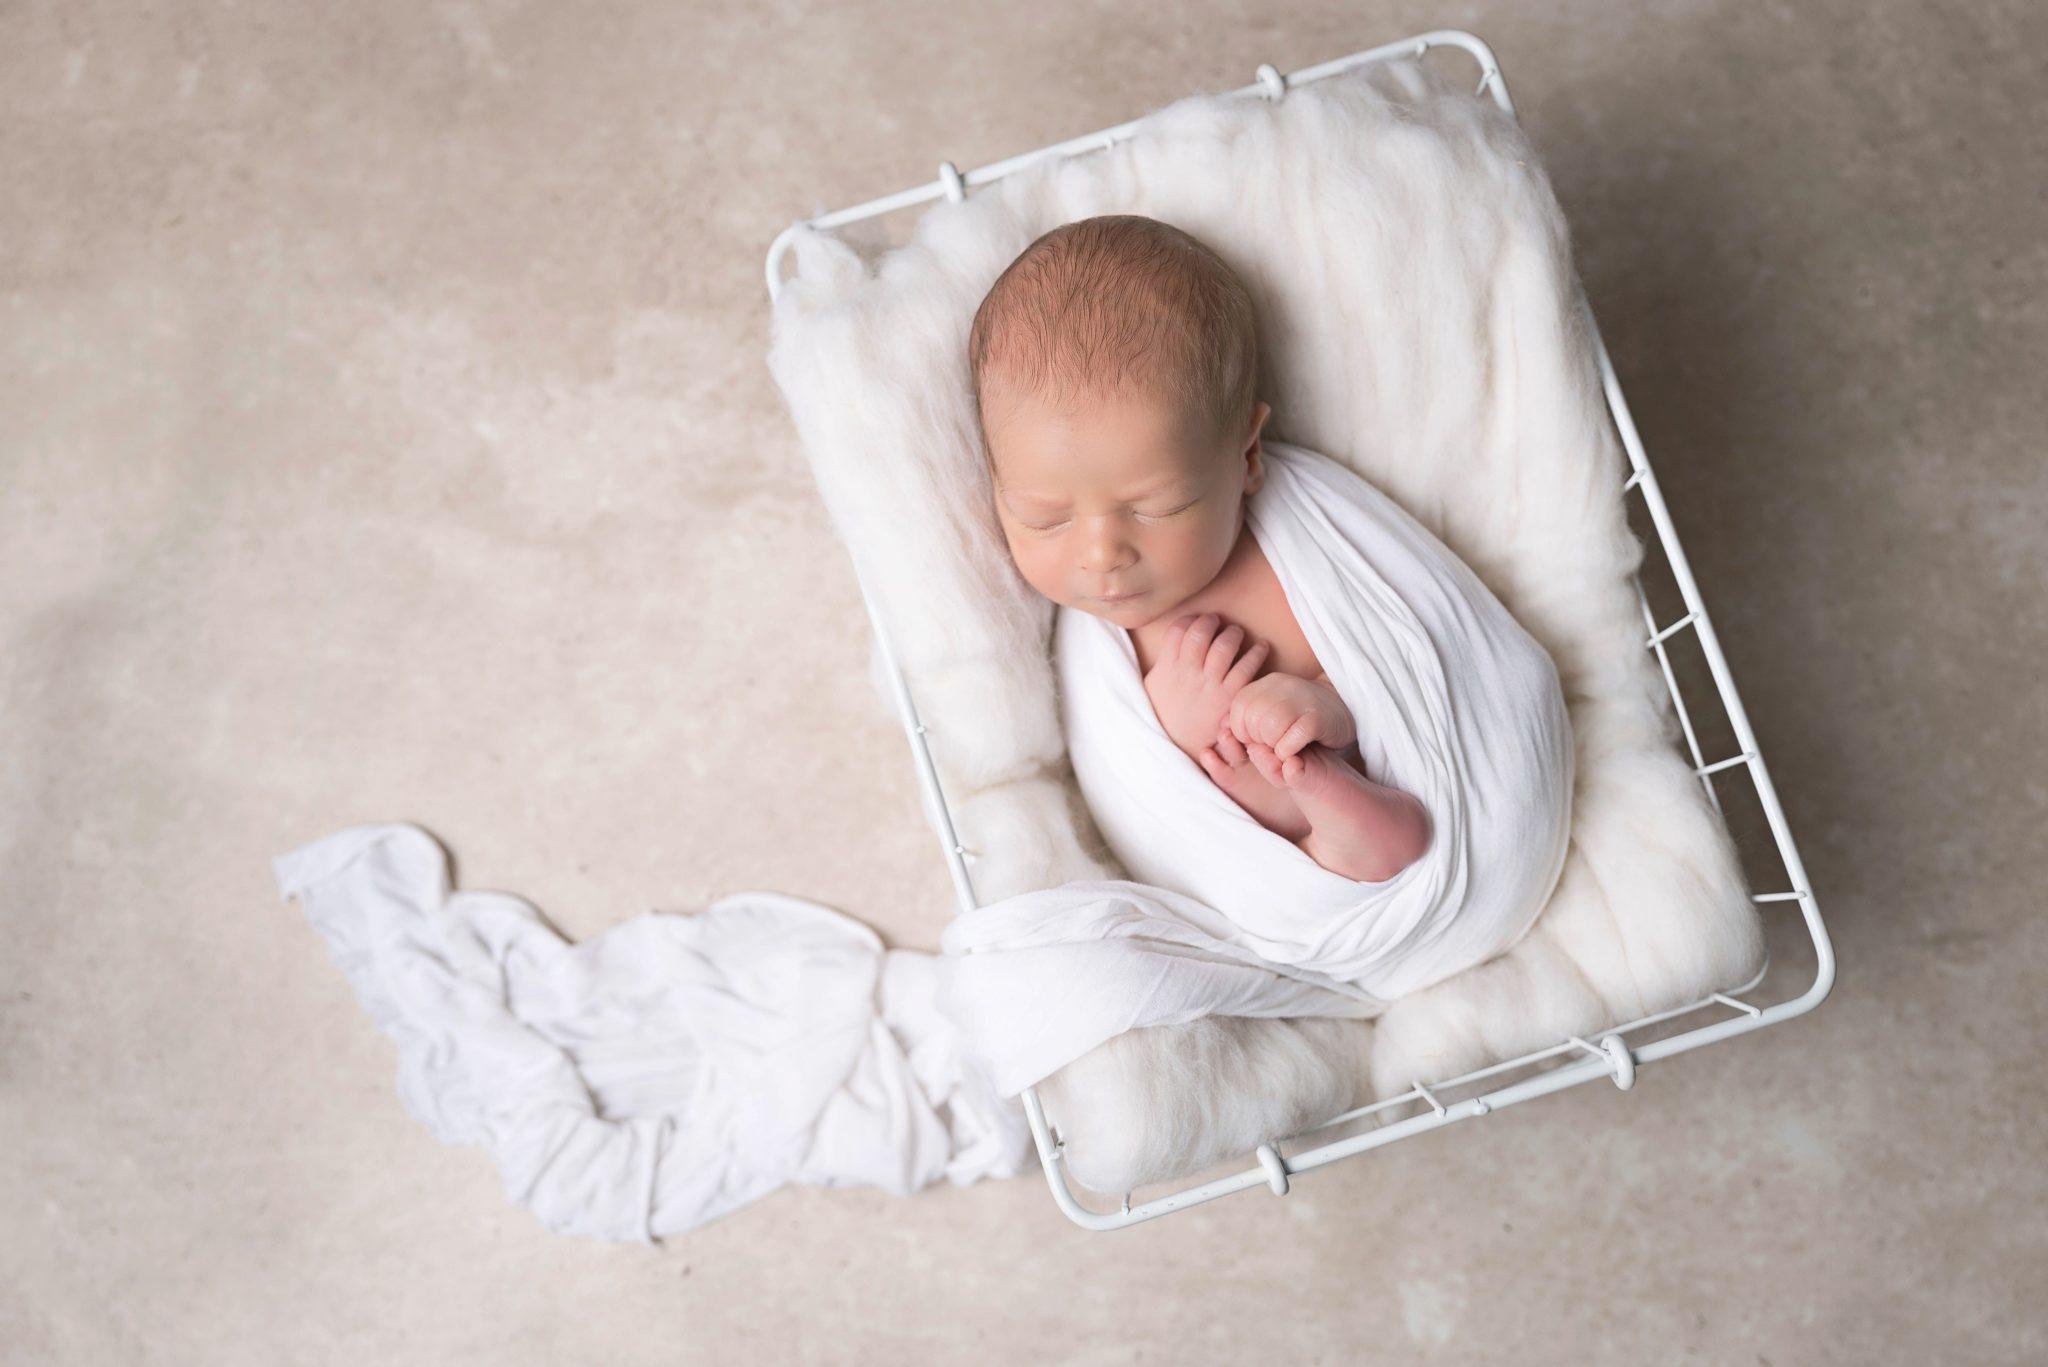 Photographe nouveau né bébé oise seine et marne val d'oise (95)